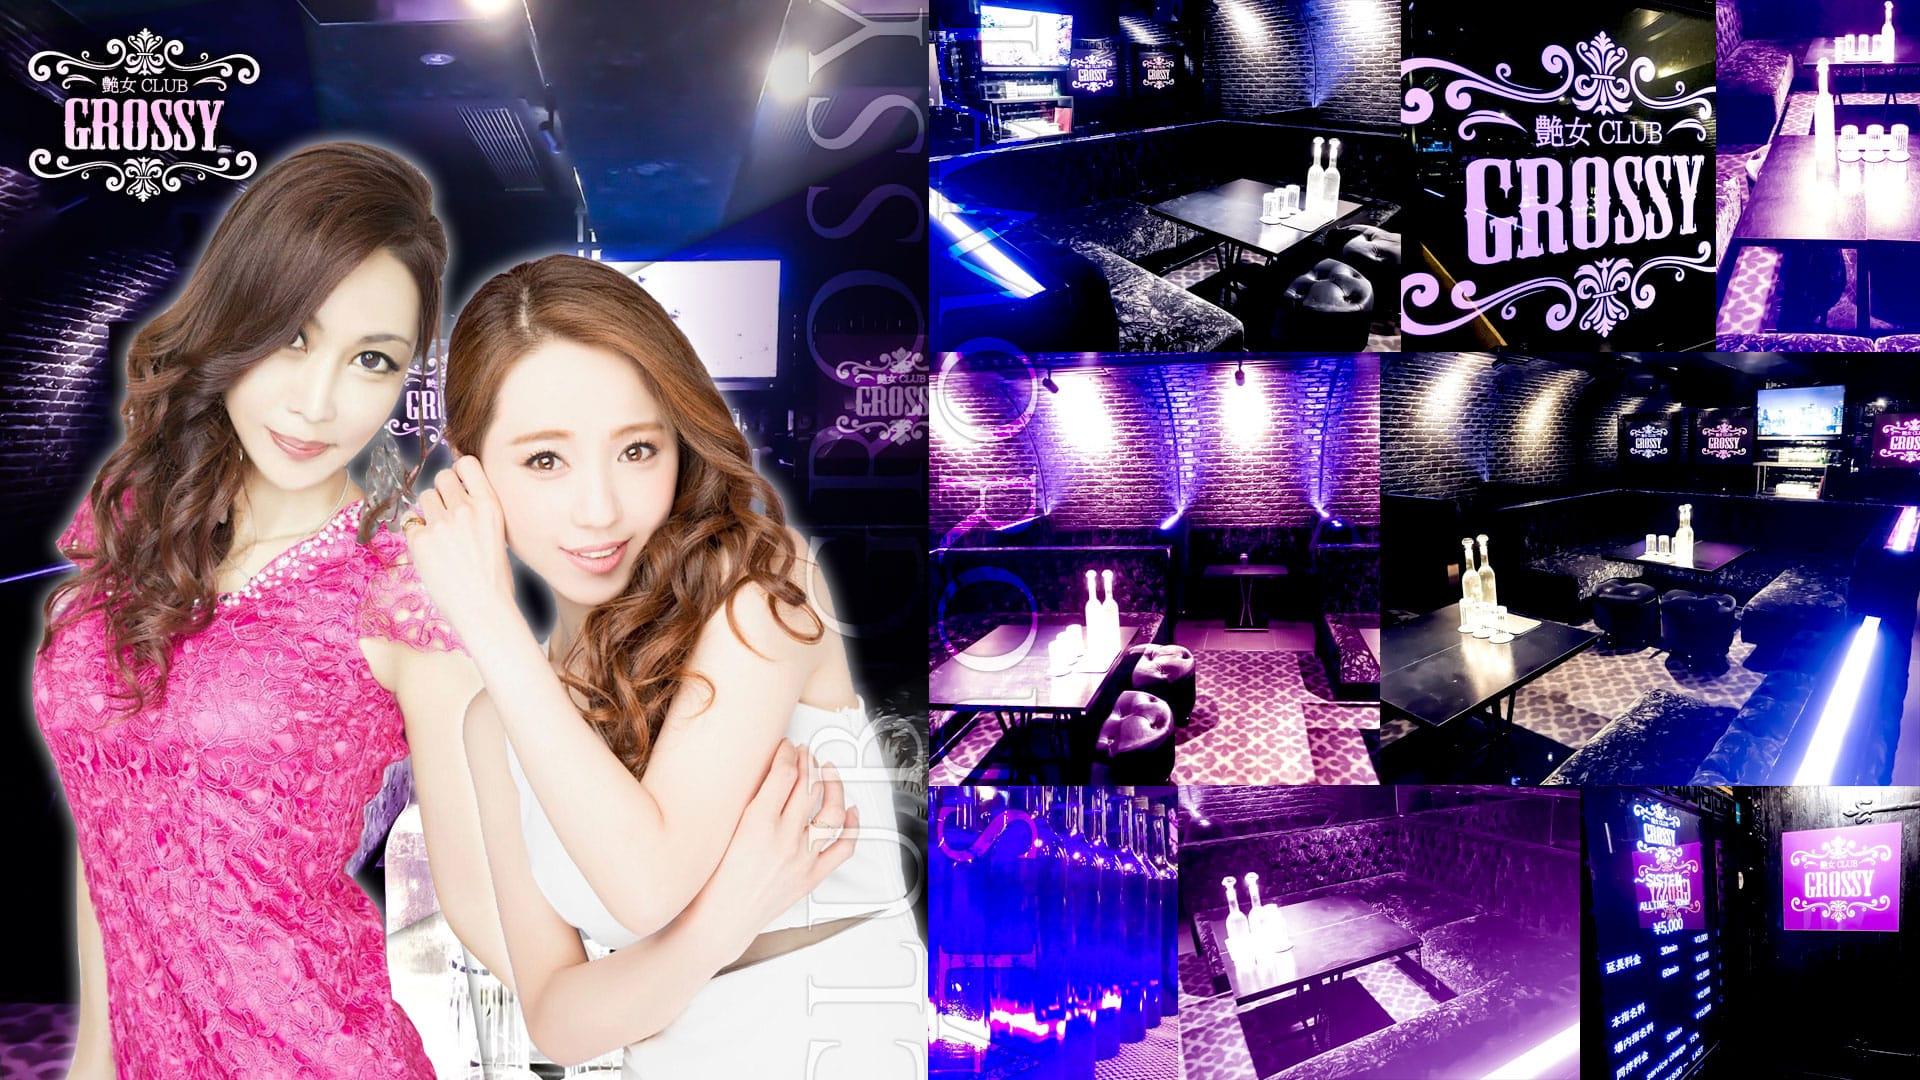 艶女CLUB GROSSY(グロッシー)  TOP画像